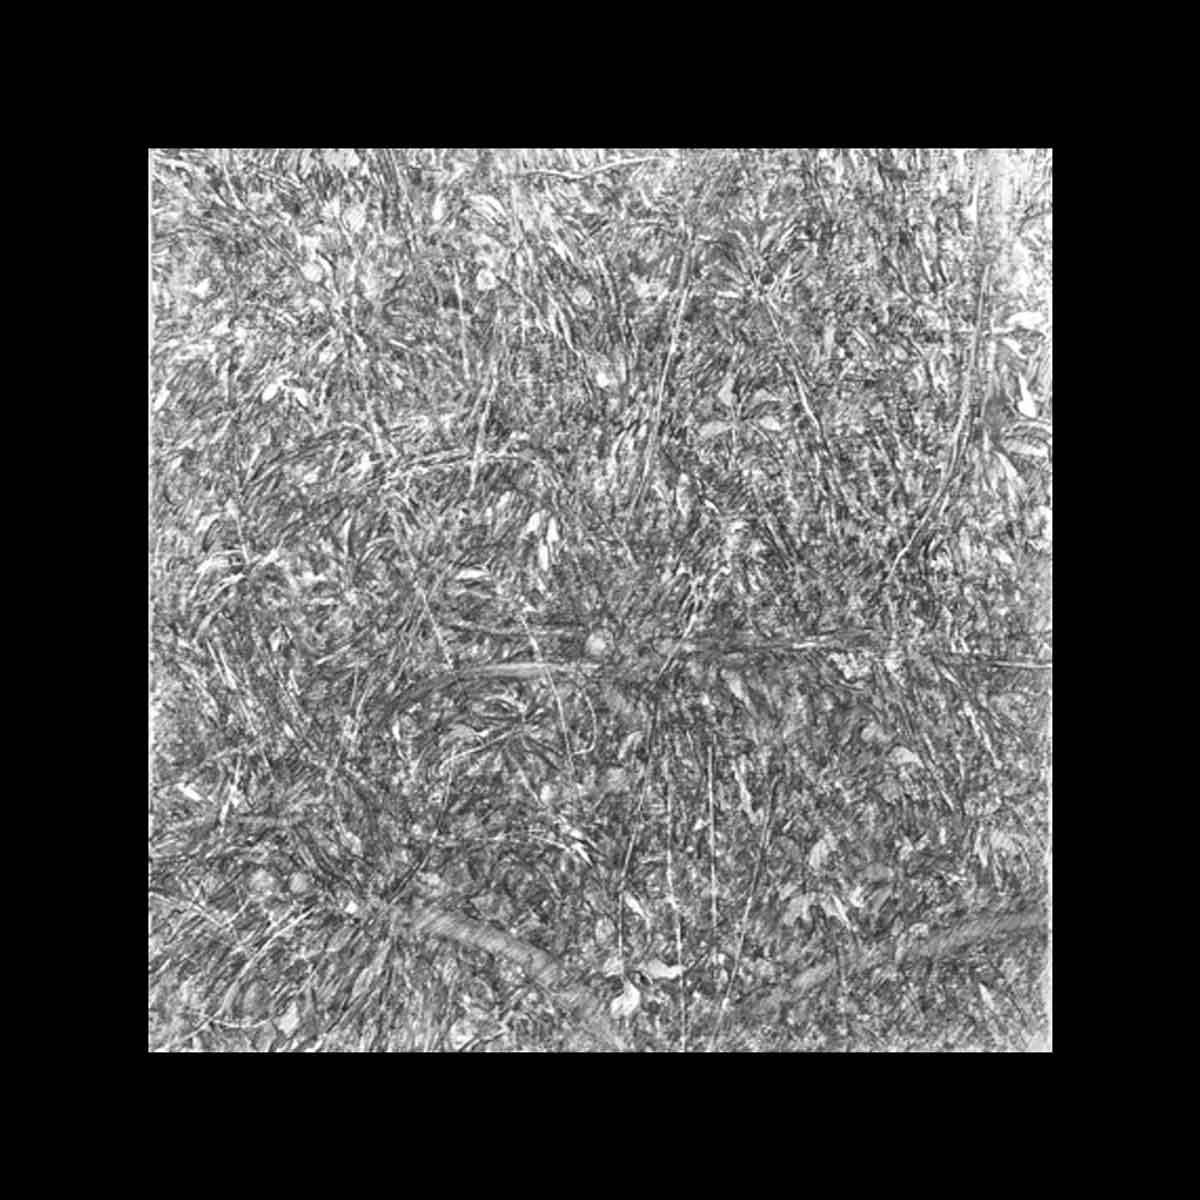 Michel Houssin, Dessin à la mine de plomb de la Série des Broderezh, 2015. Encadré, verre musée anti-UV, 30 x 30 cm